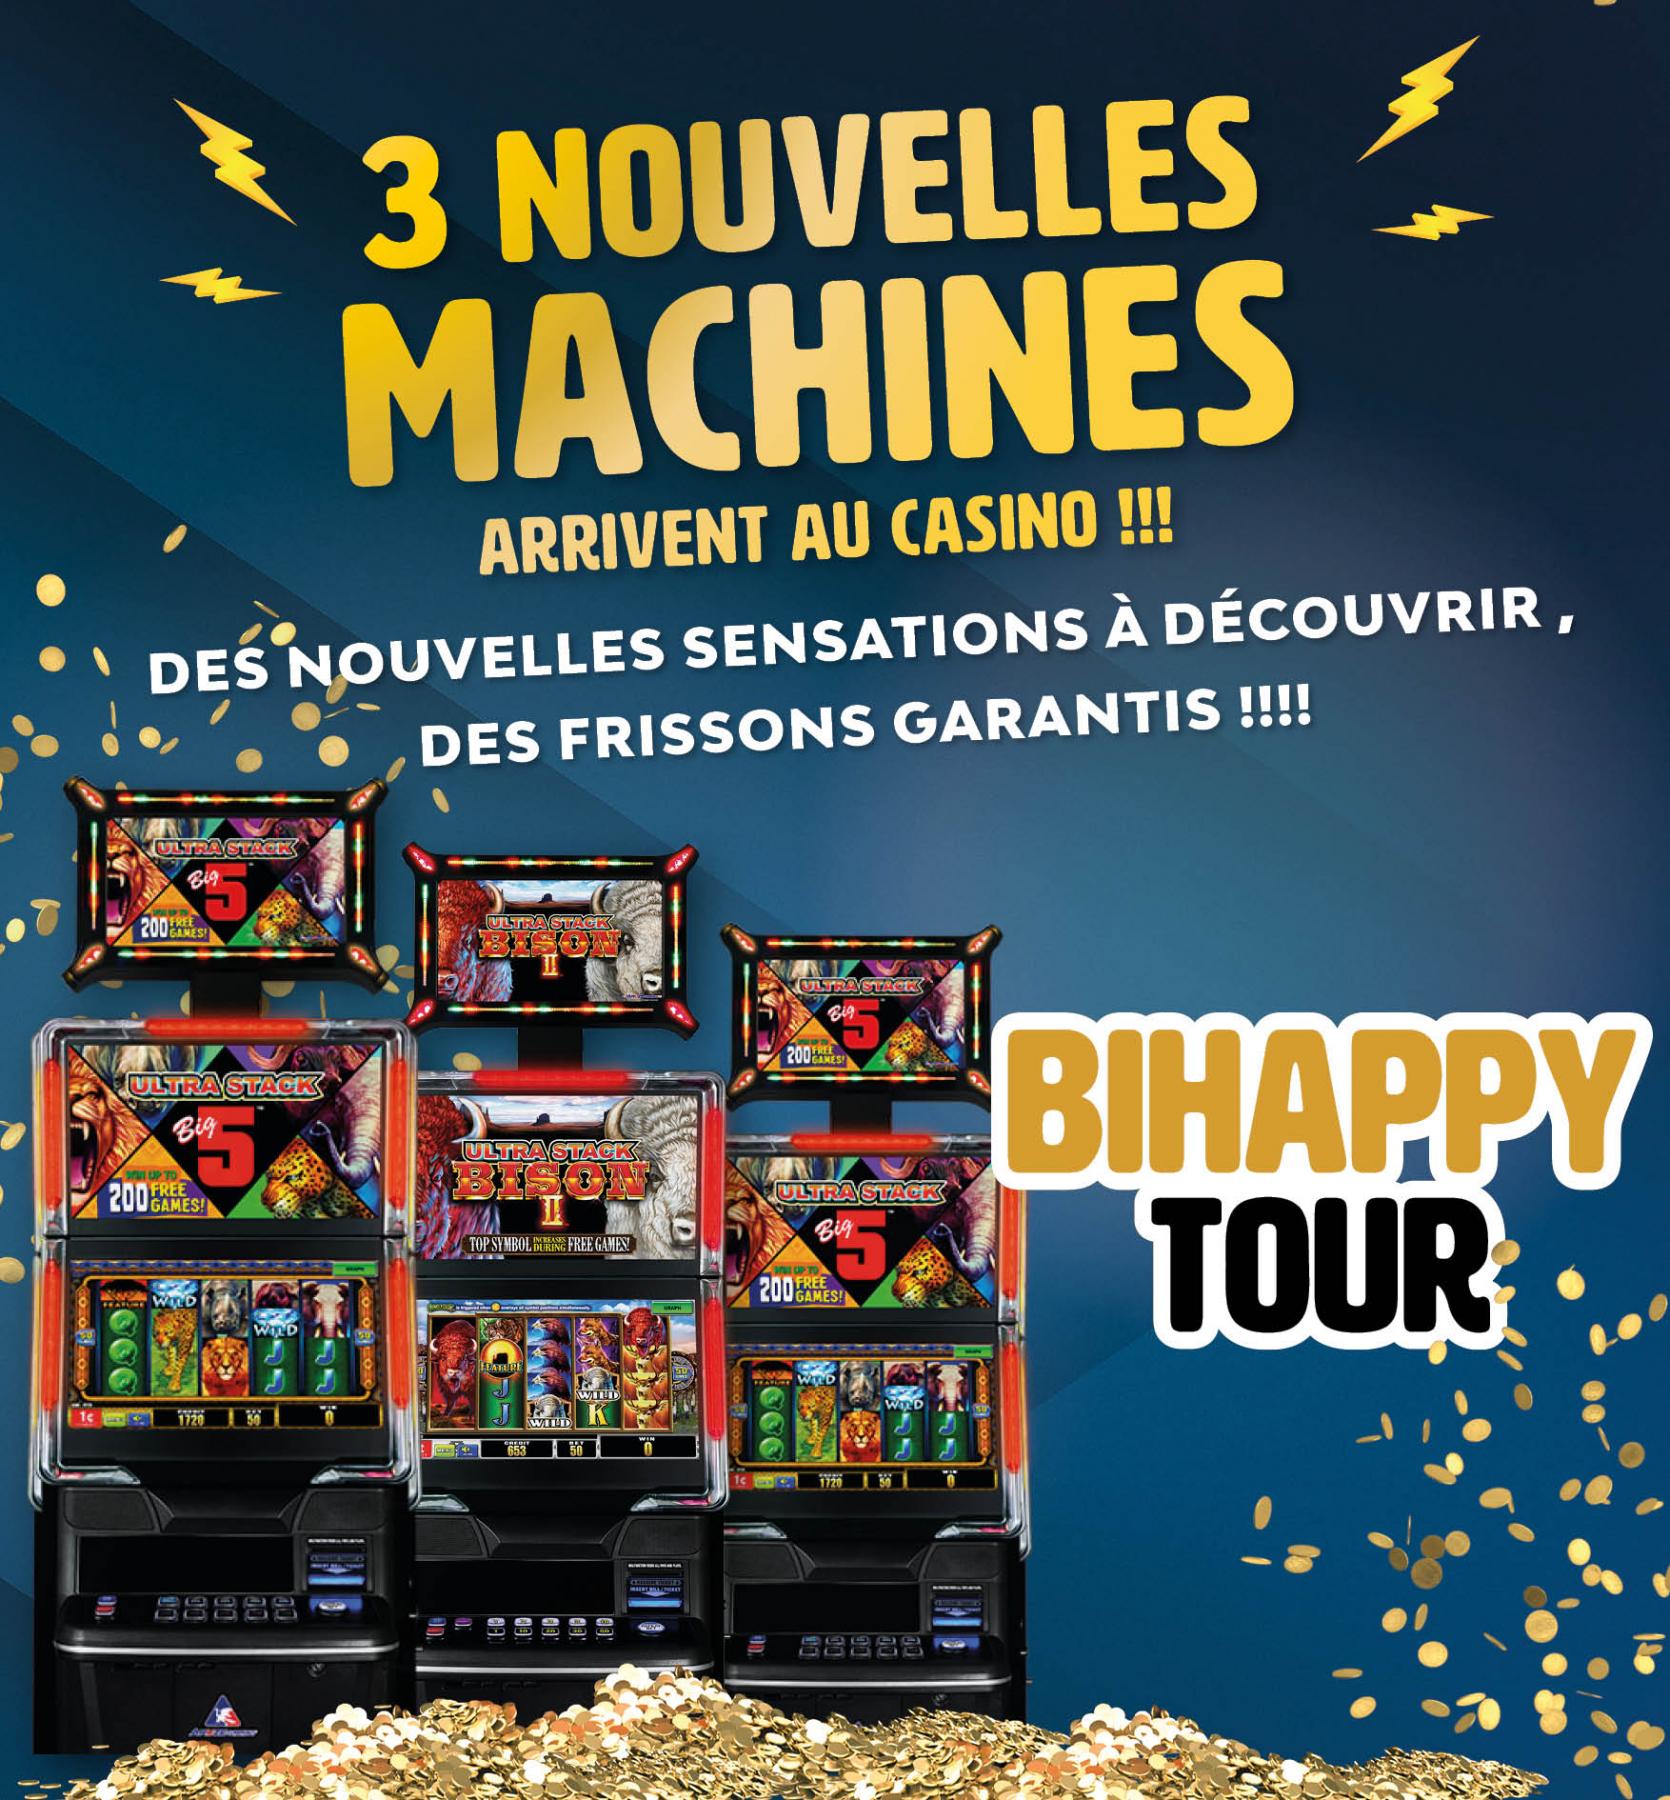 3 nouvelles machines arrivent : c'est le BiHappyTour